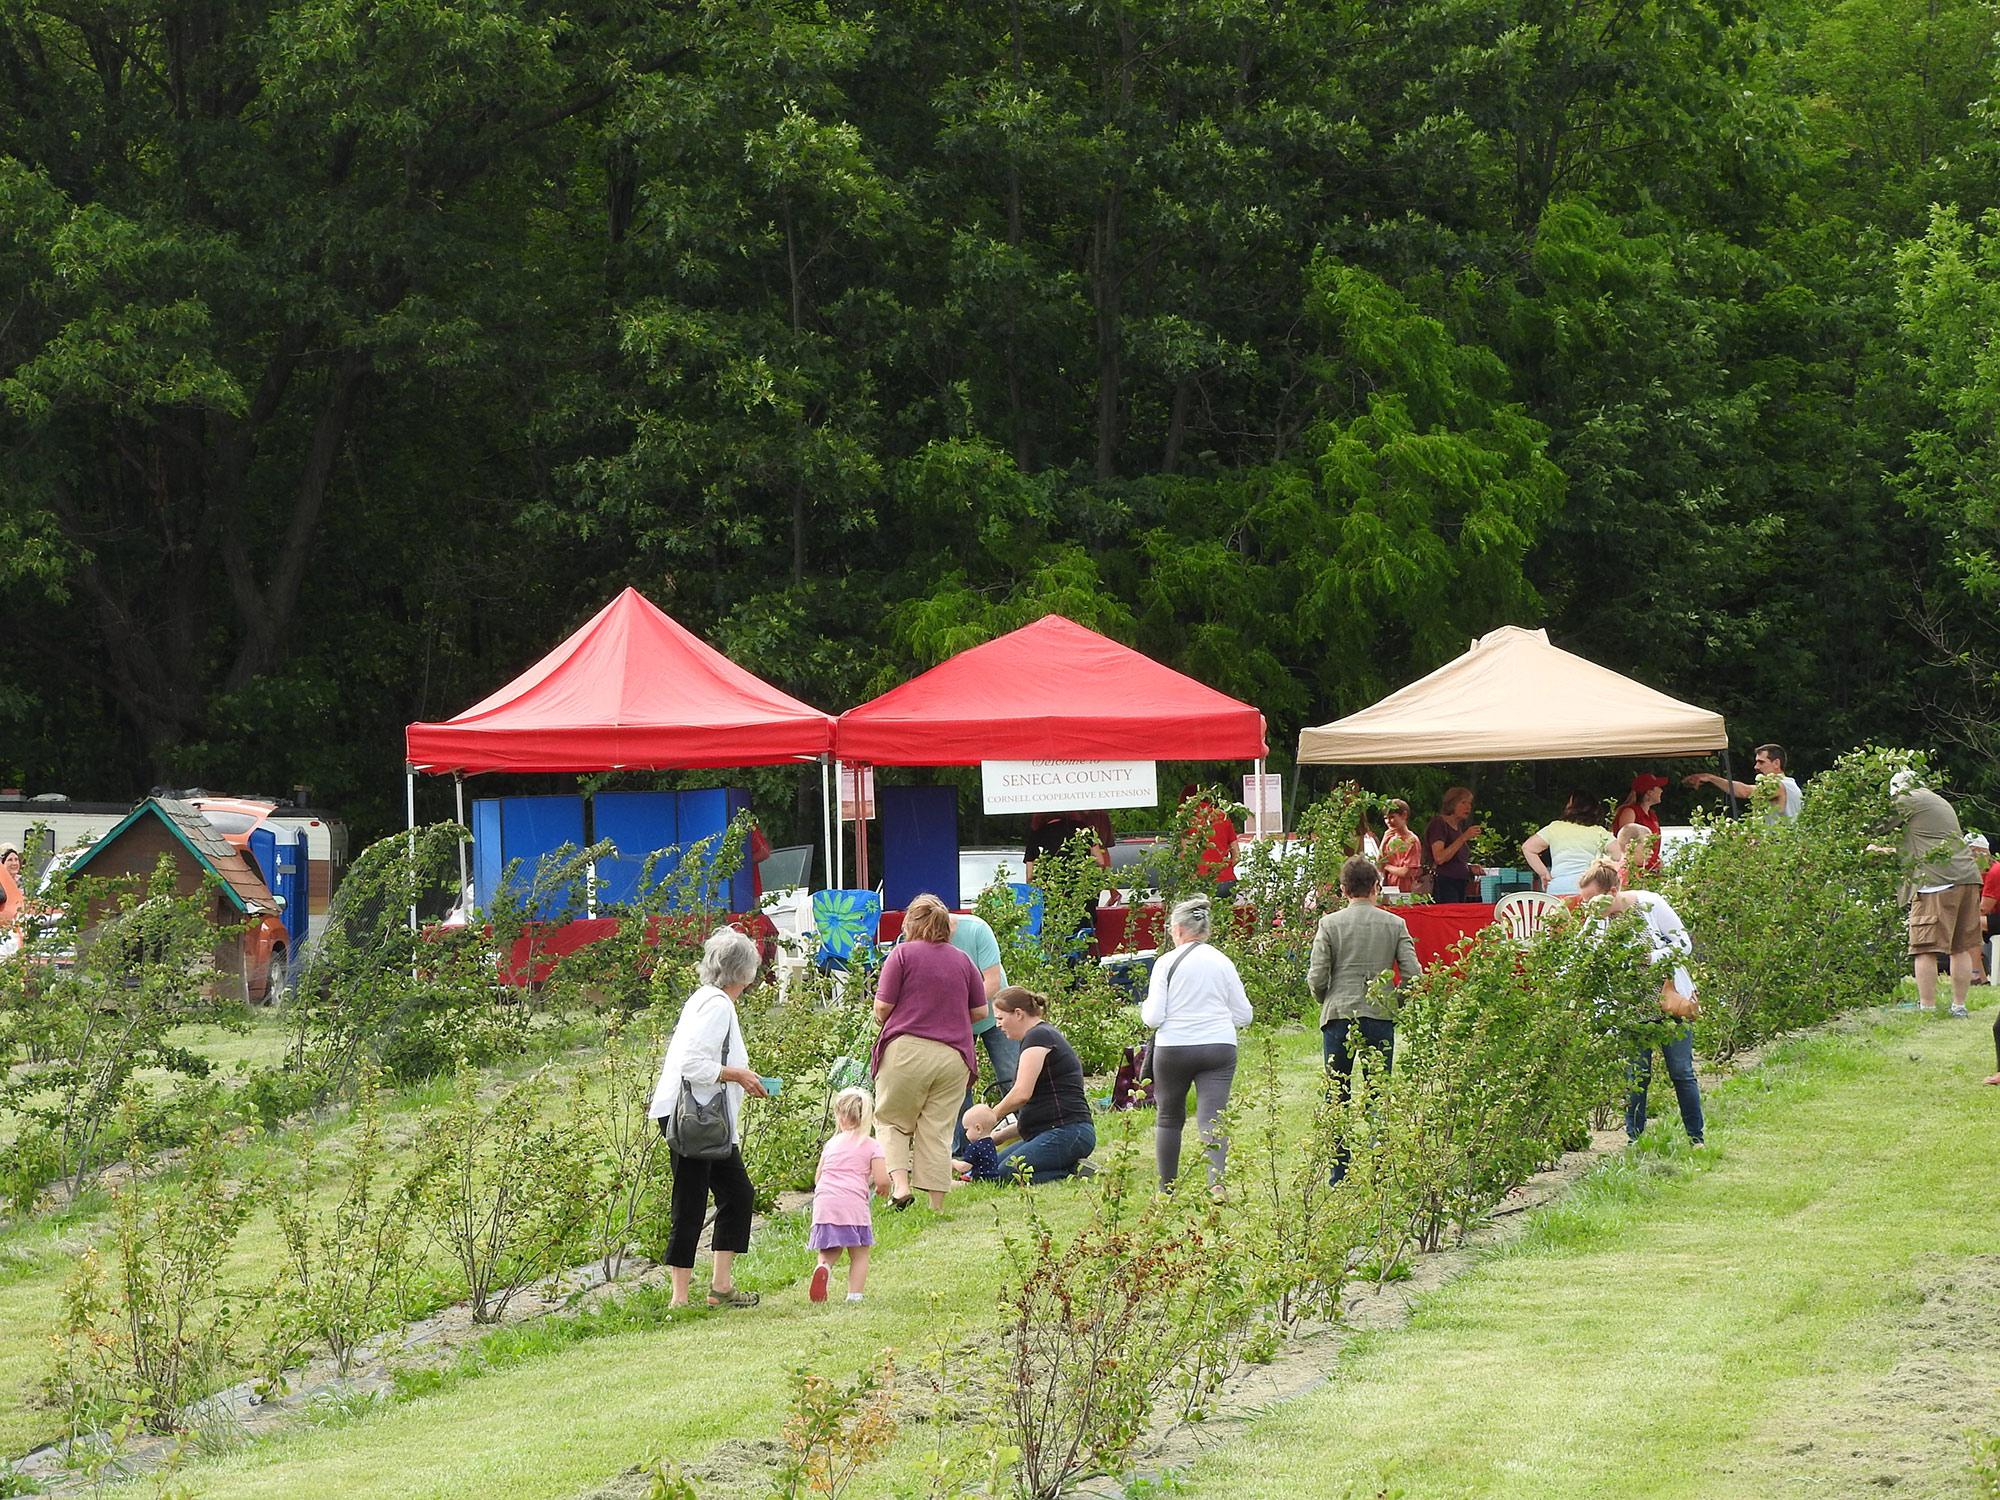 Juneberry Festival